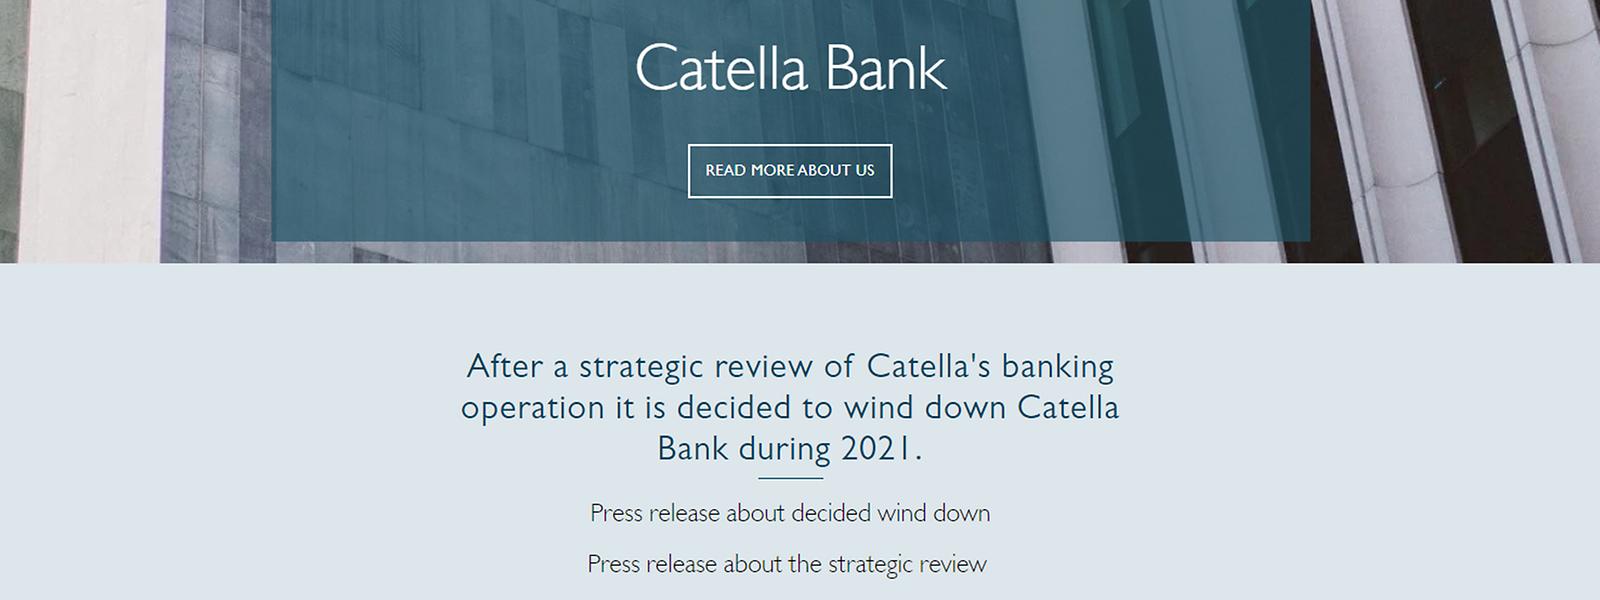 Noch sind bei der Catella Bank in Luxemburg 13 Mitarbeiter beschäftigt.